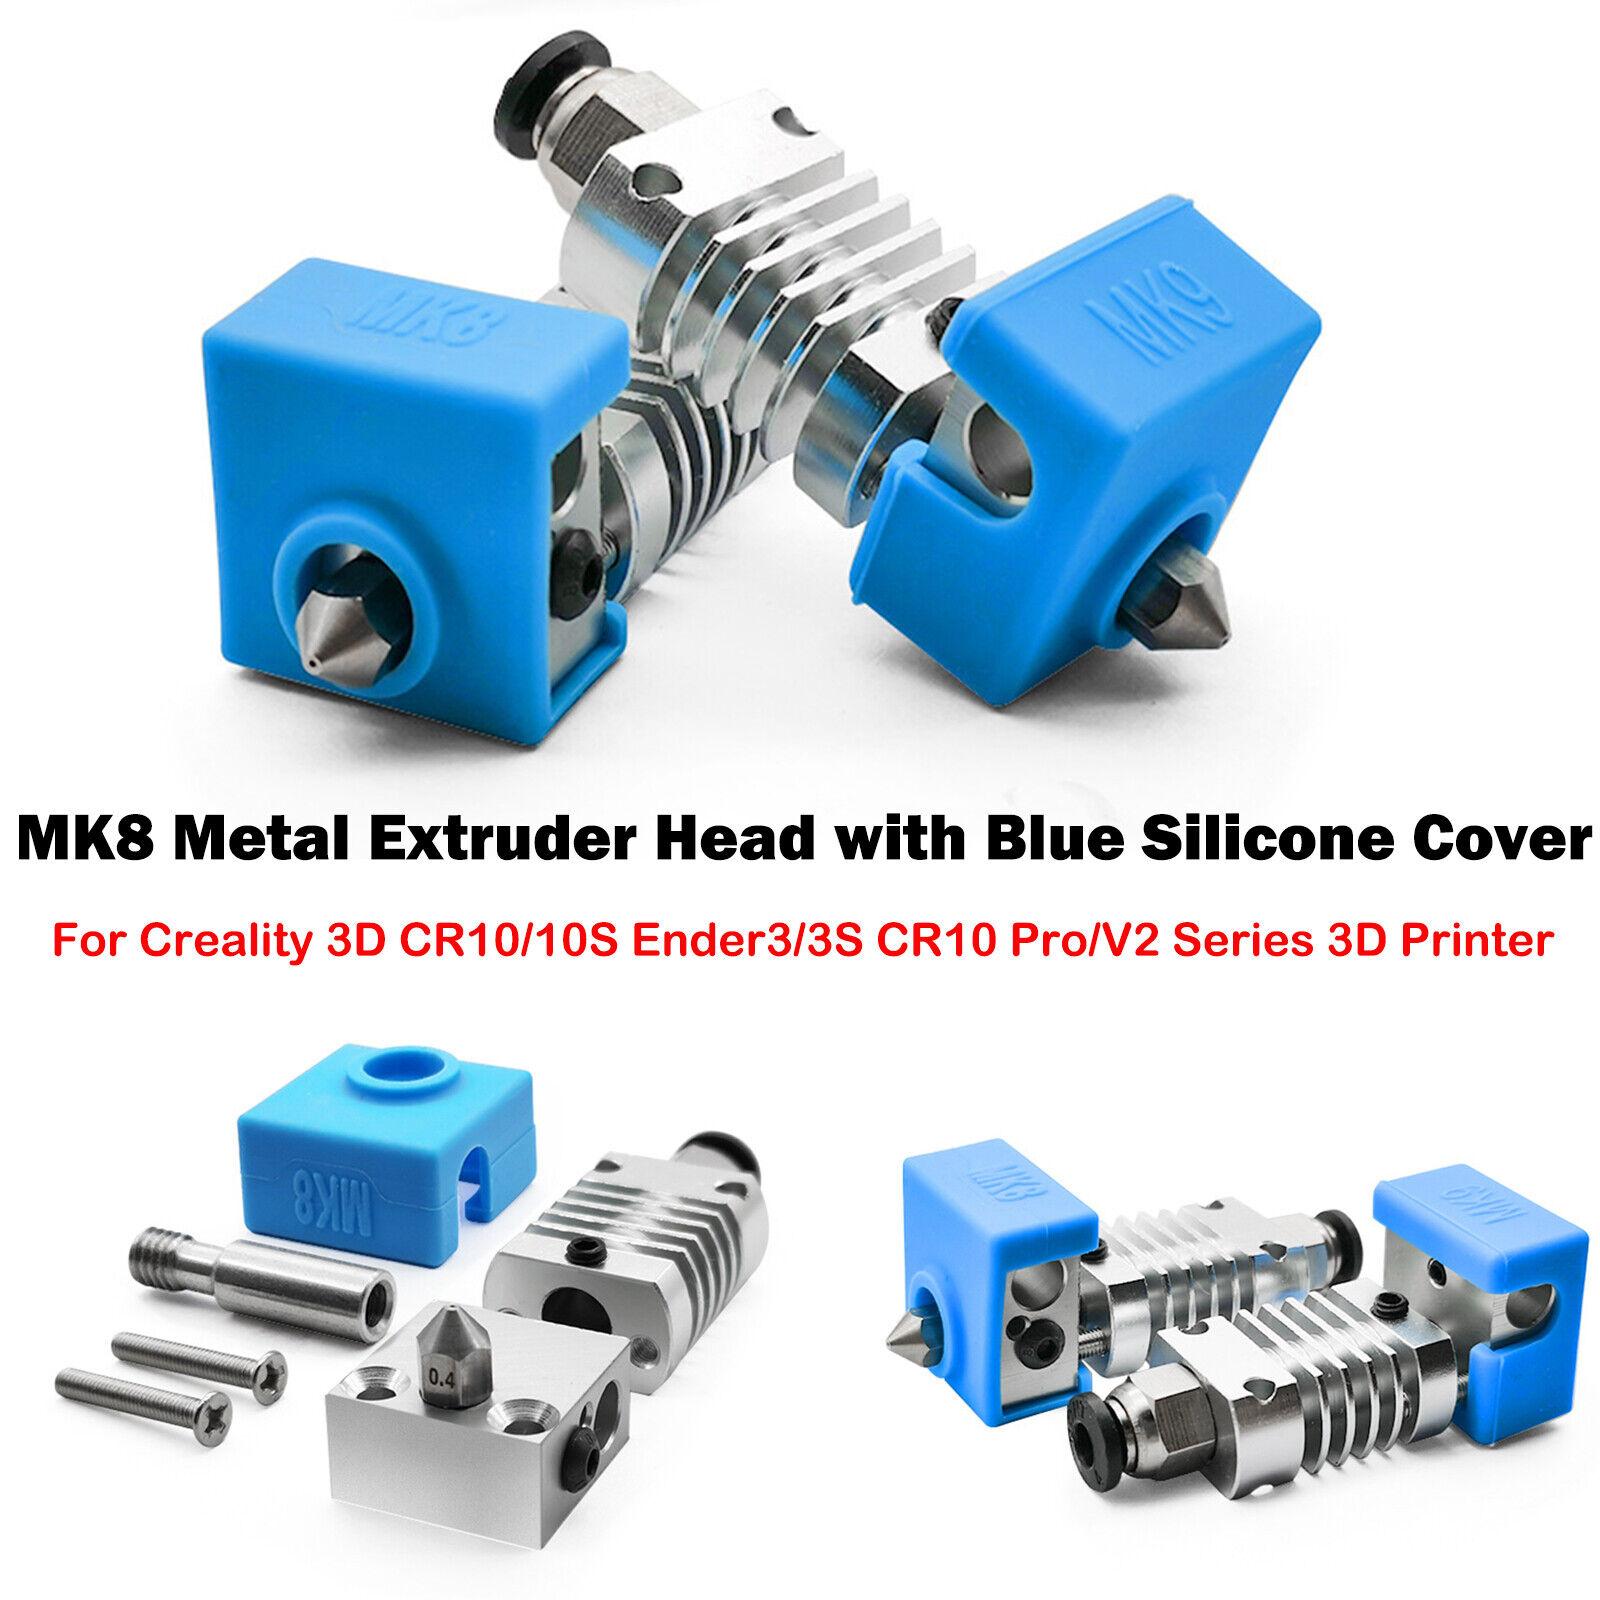 3D-Drucker MK8 Metall-Extruderkopf Für 3D CR10 /10S Ender3/ 3S CR10 Pro/V2-Serie